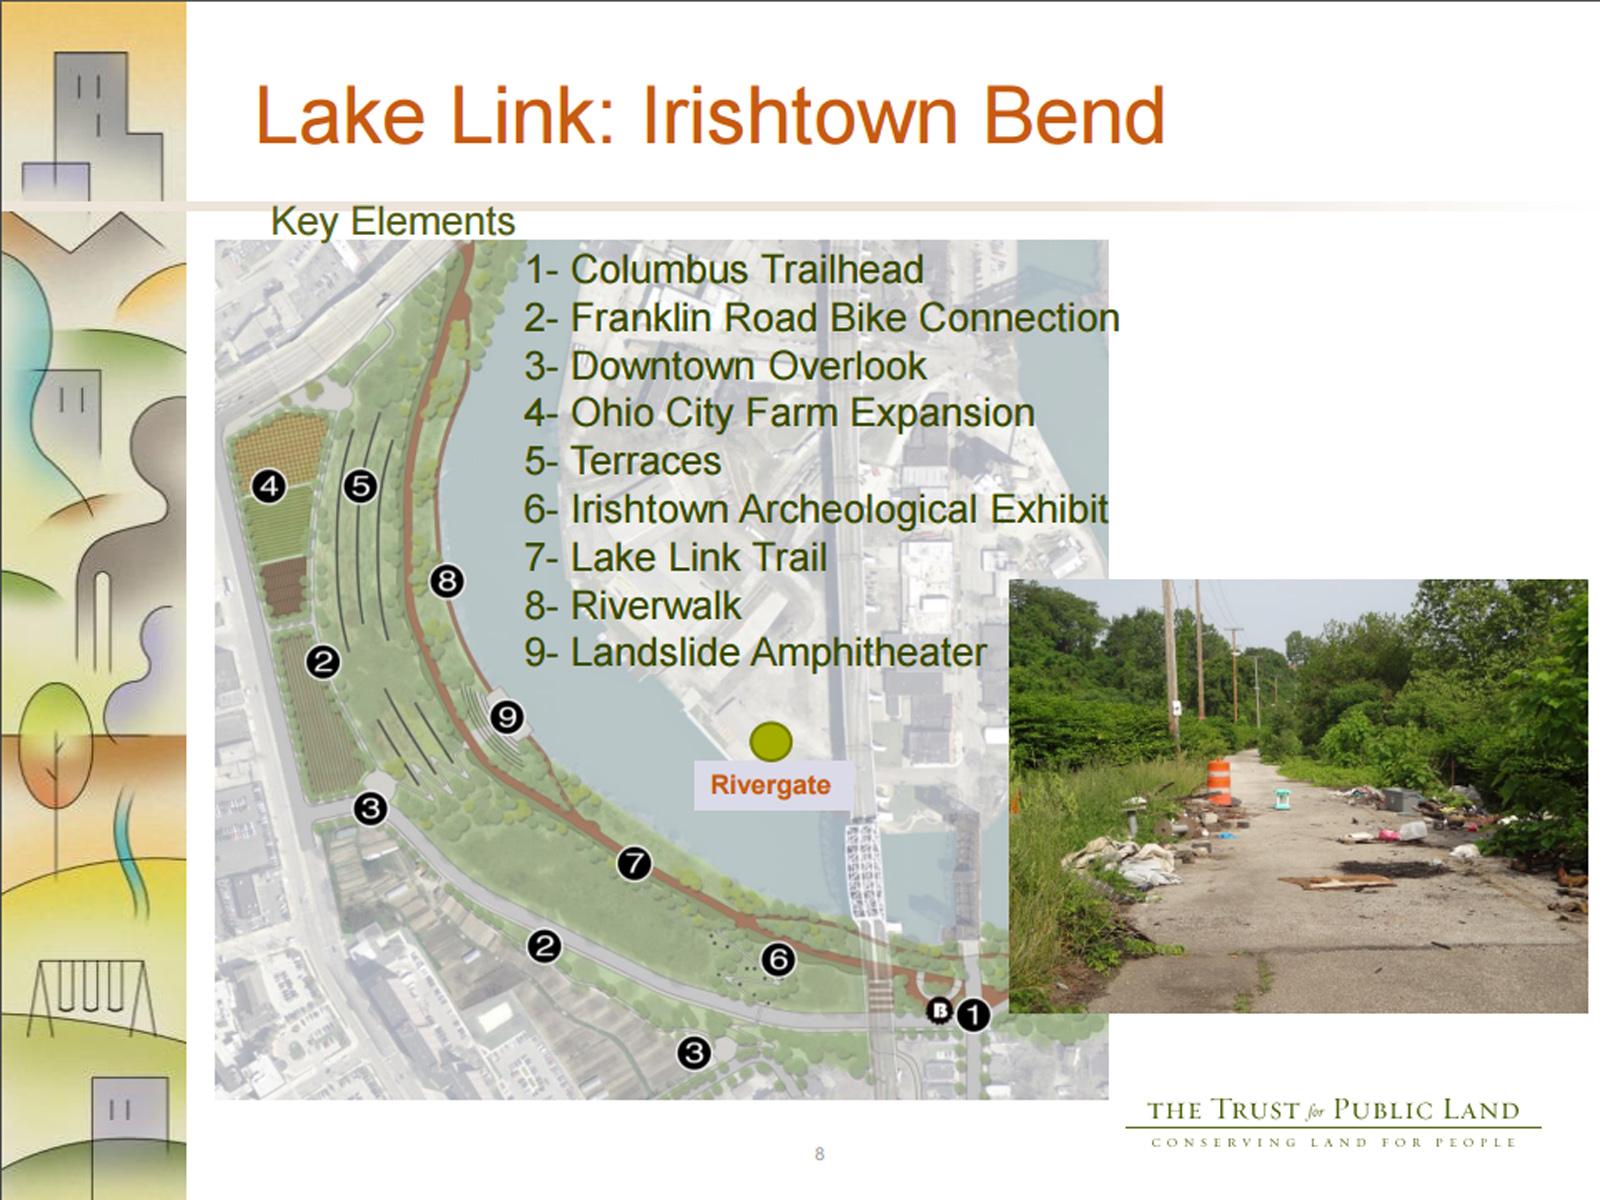 Irishtown Bend